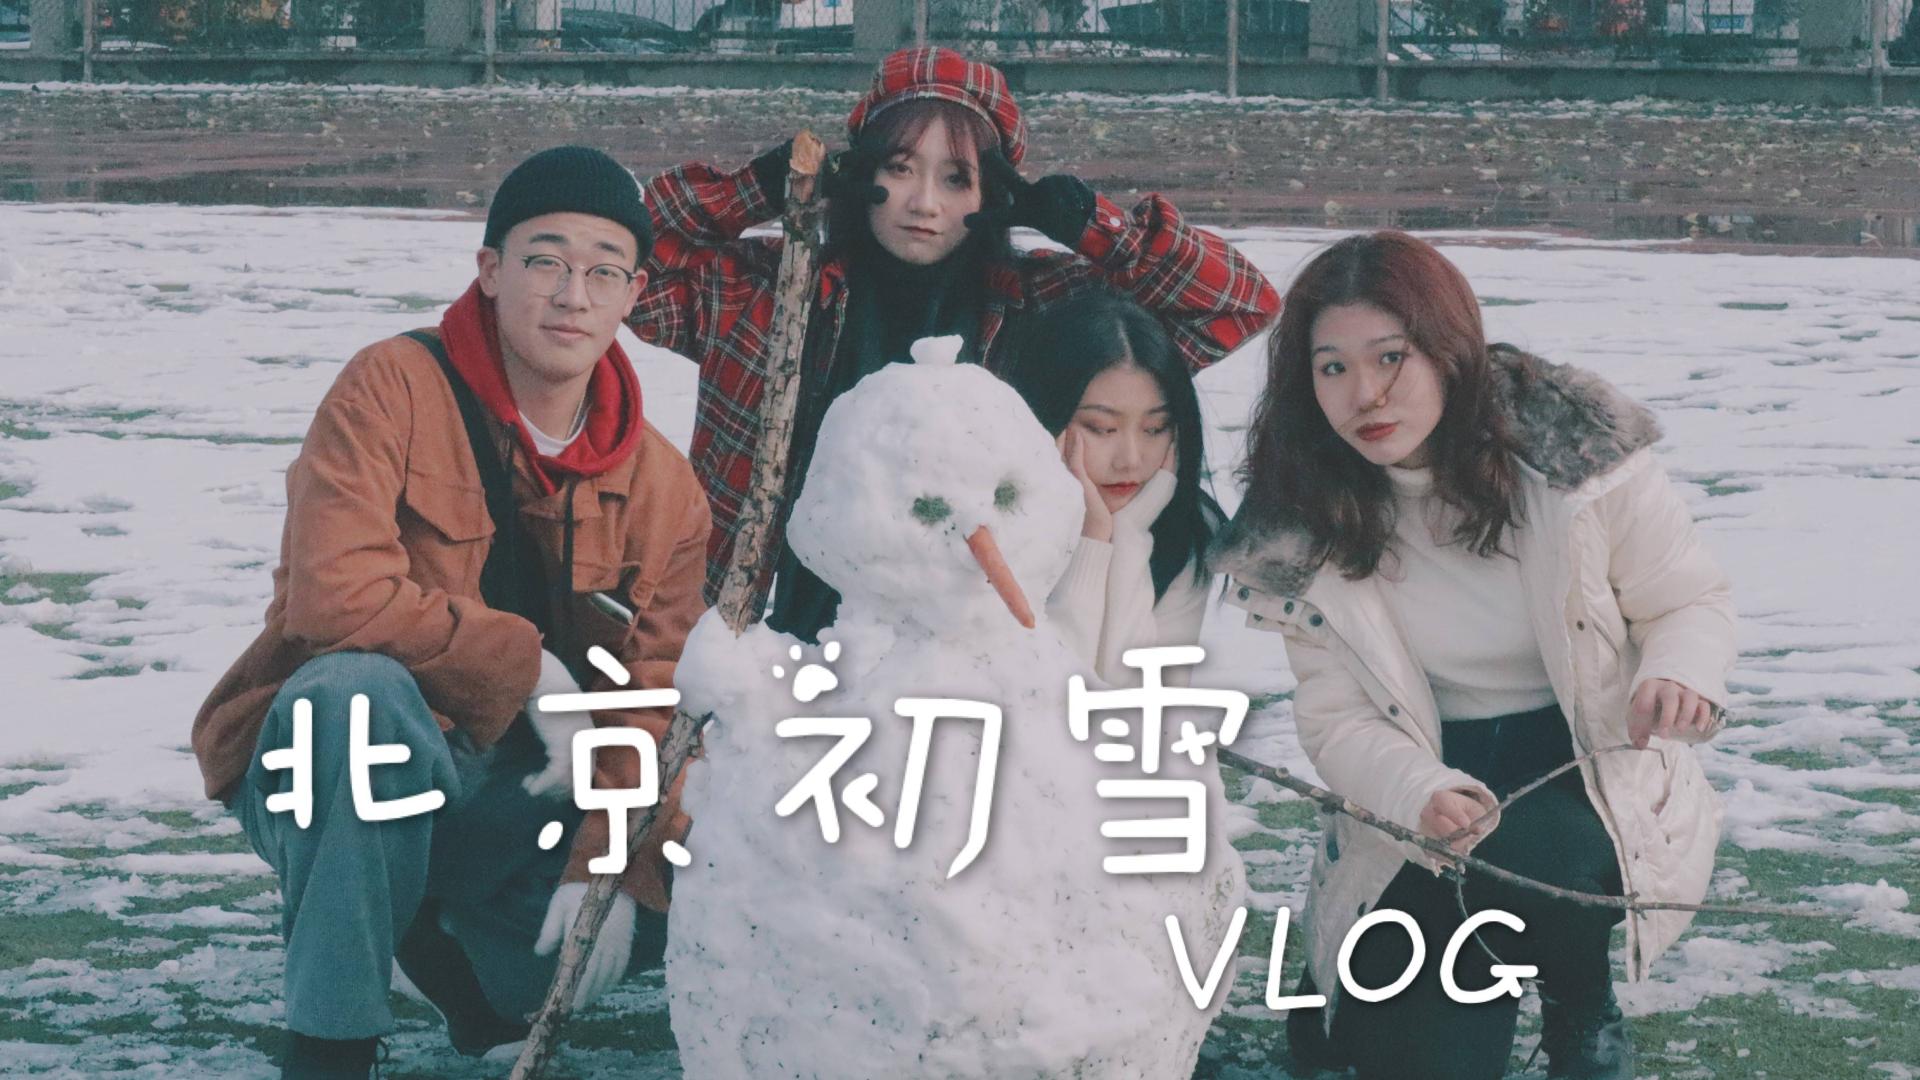 [雪碧菌]一起迎接北京初雪吧